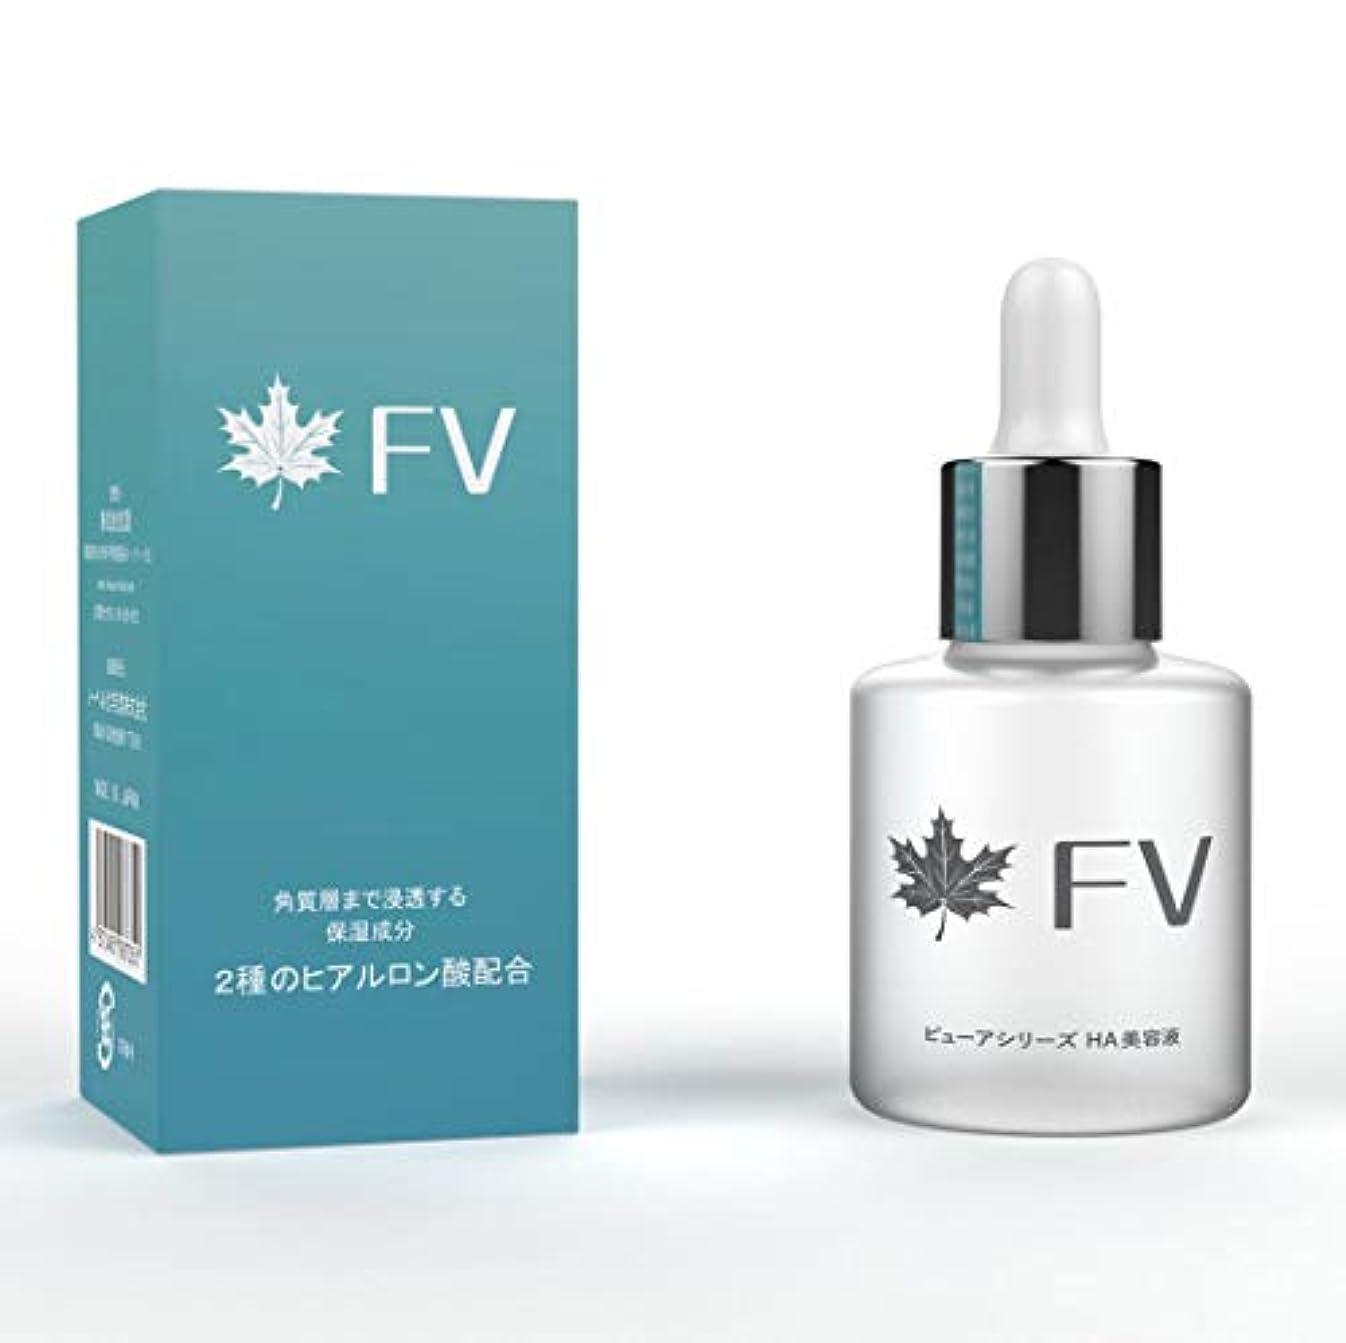 事務所カナダ部FV ヒアルロン酸原液(美容液)30ml 高分子超保湿キャッチ型と低分子修復リペア型 2種のヒアルロン酸  日本製